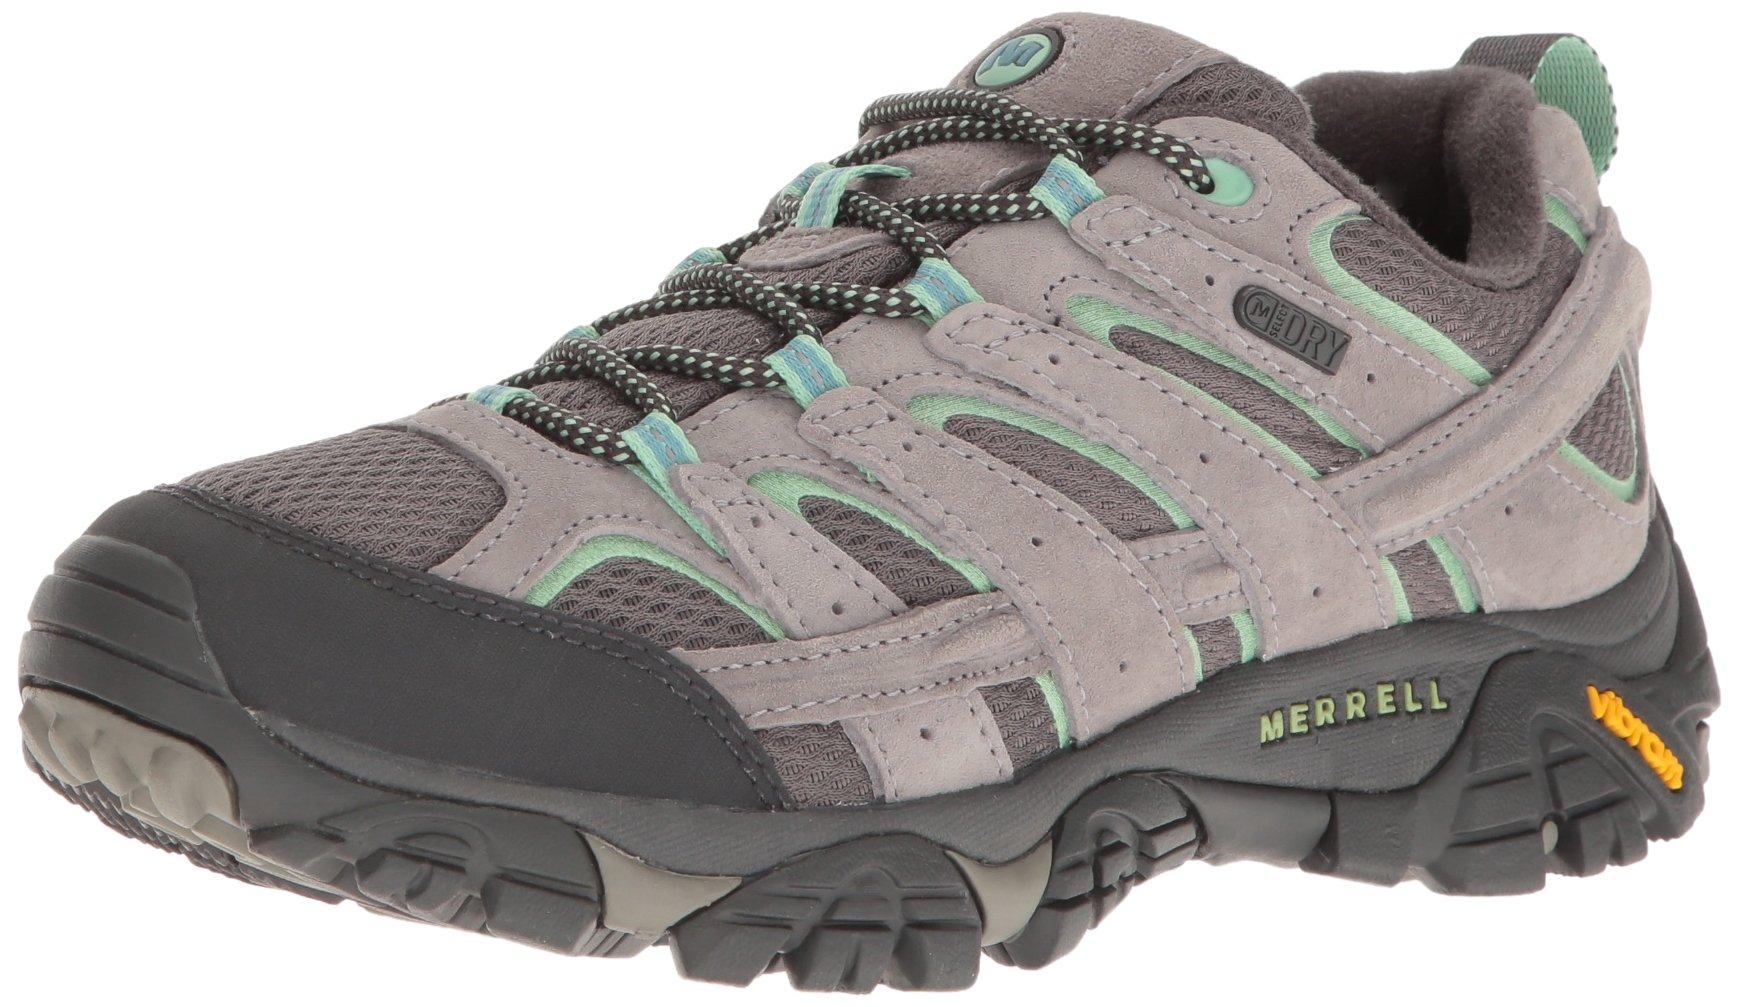 Merrell Women's Moab 2 Waterproof Hiking Shoe, Drizzle/Mint, 8.5 W US